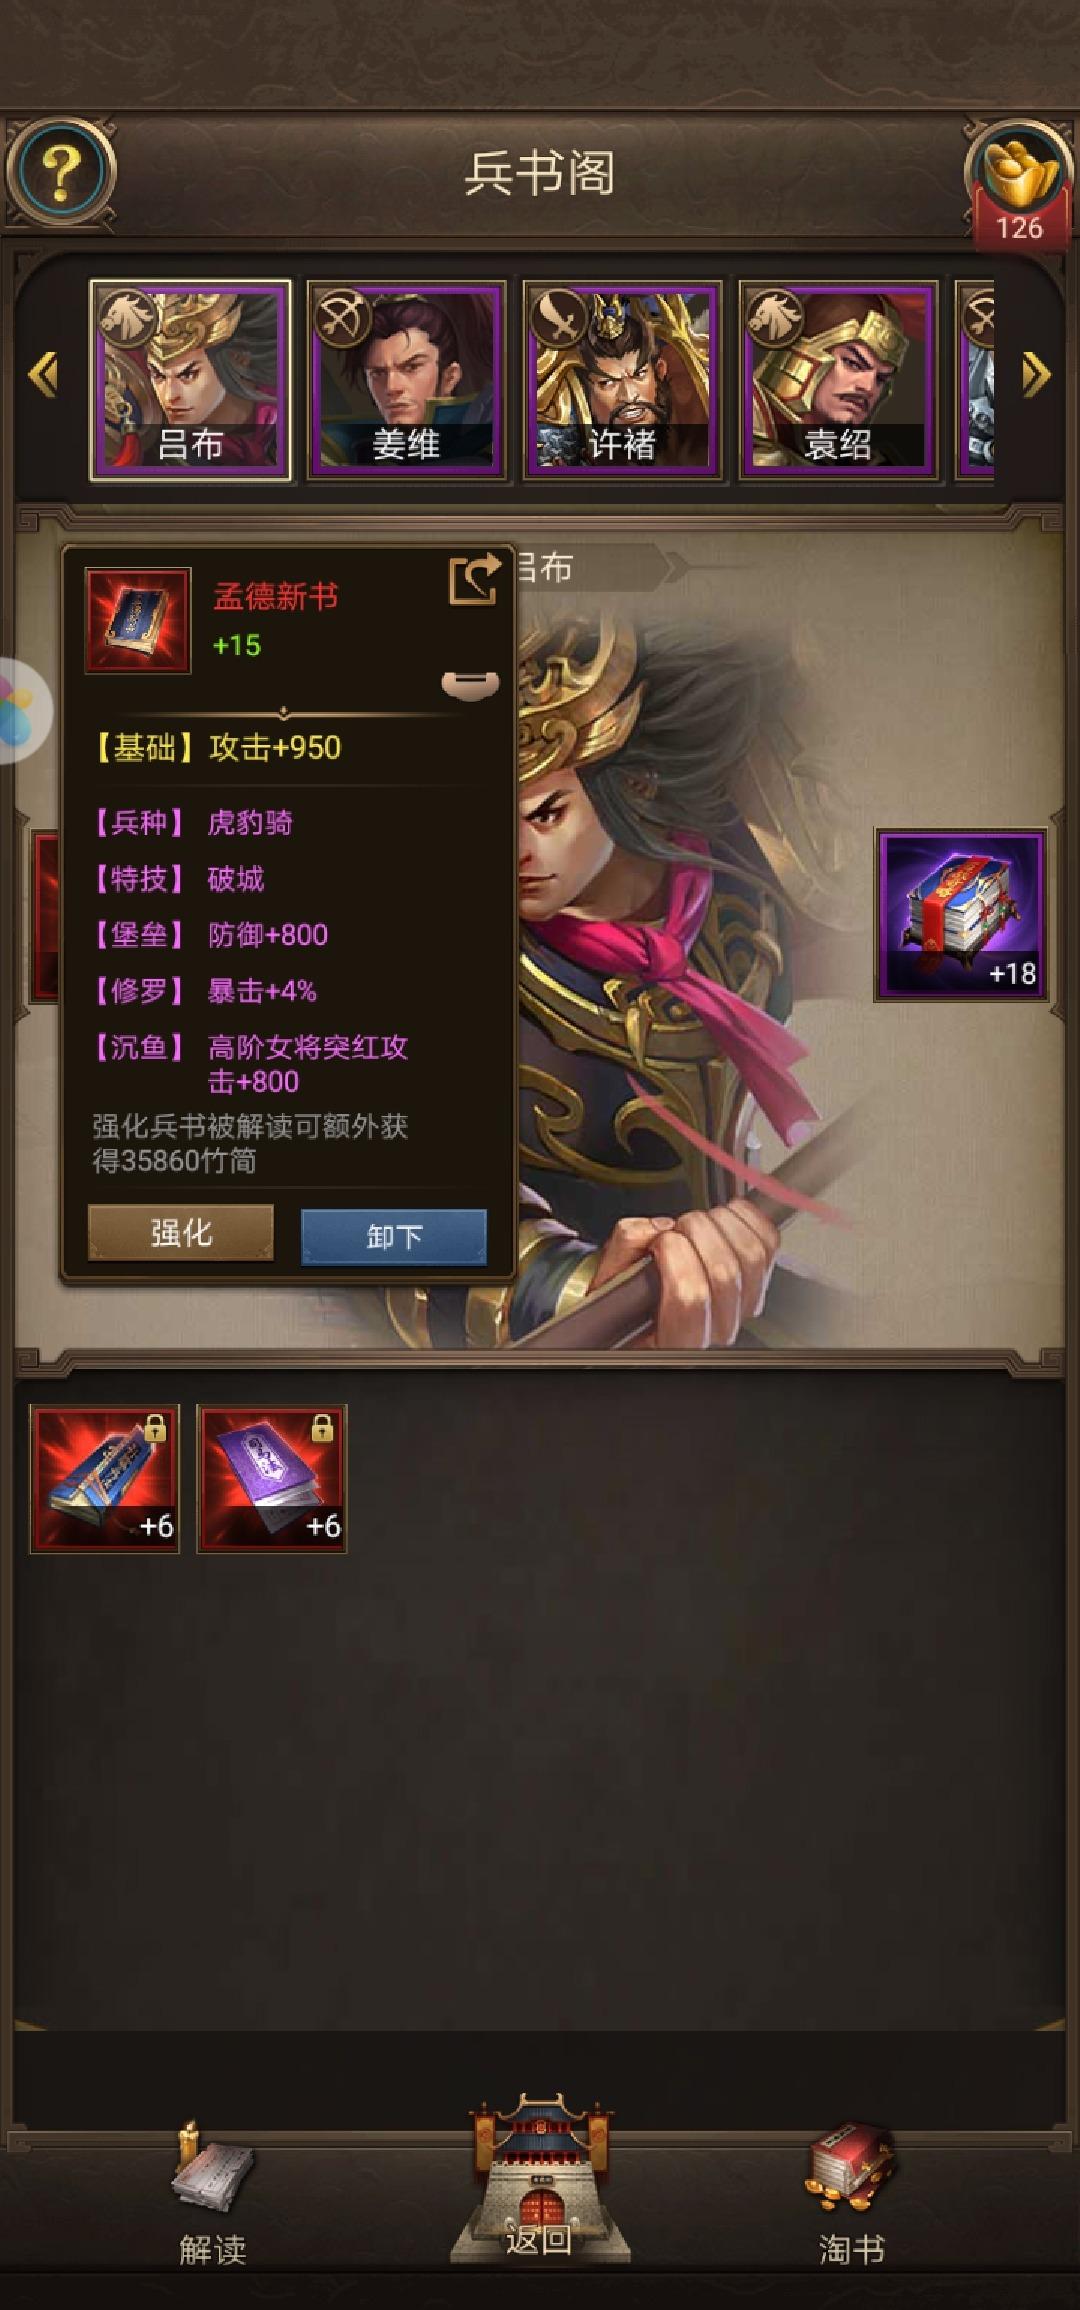 Screenshot_20190128_215916_juedi.tatuyin.rxsg.huawei.jpg